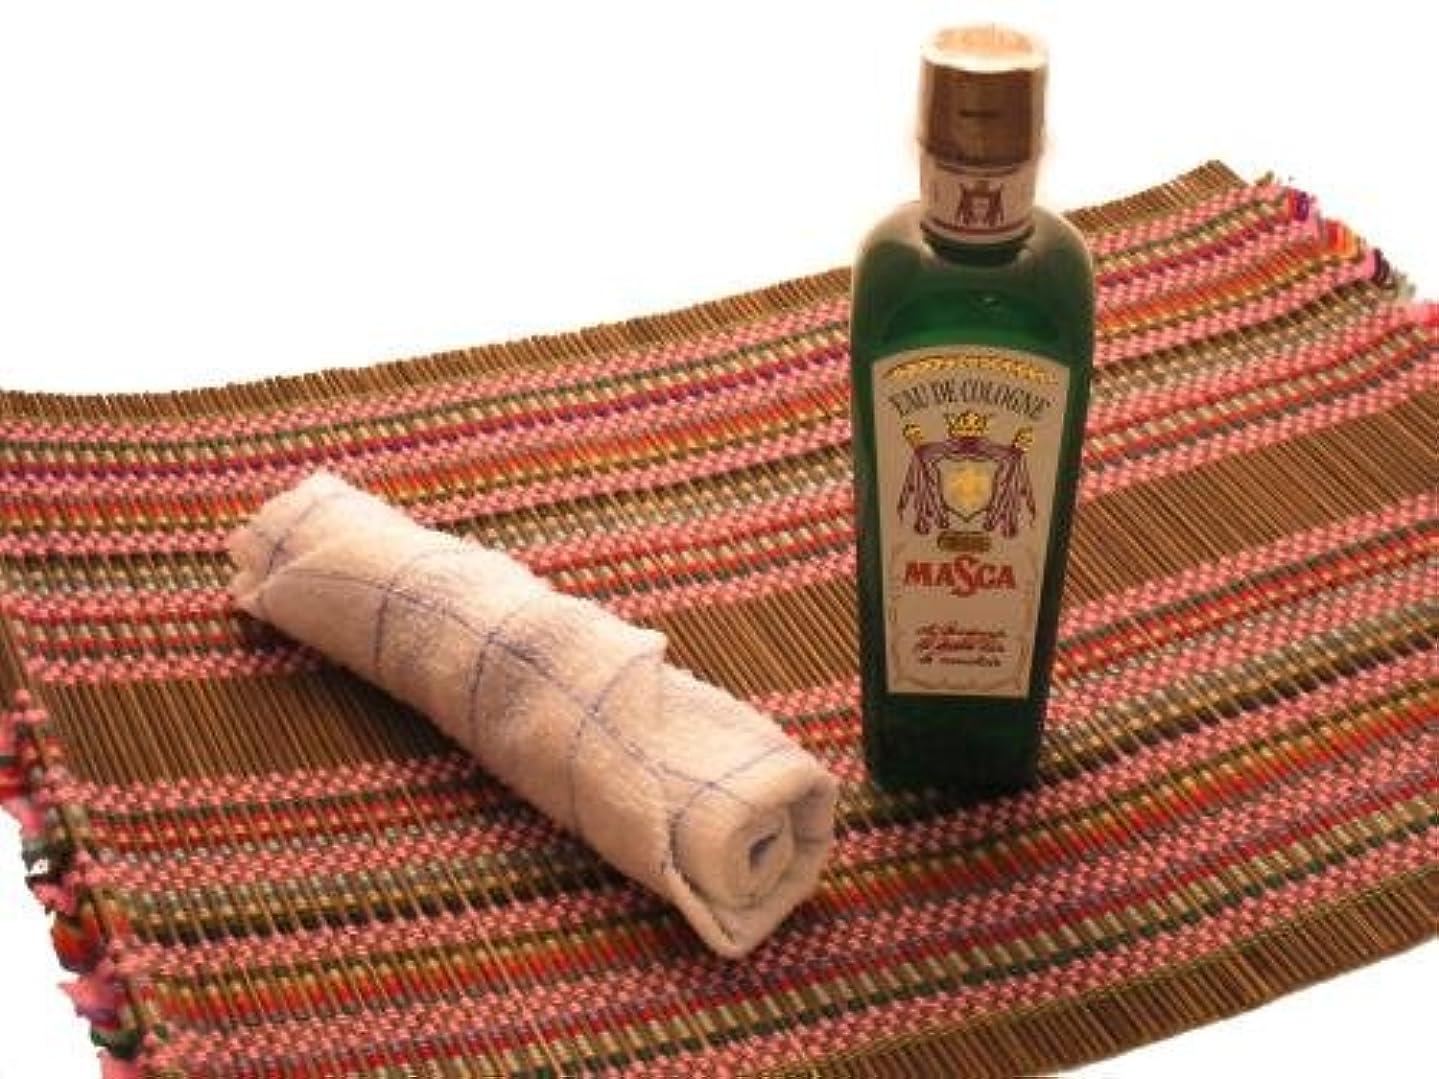 プレート格差添加剤オーデコロンMASCA タイ航空の香り フレングラス おしぼり アジアン雑貨